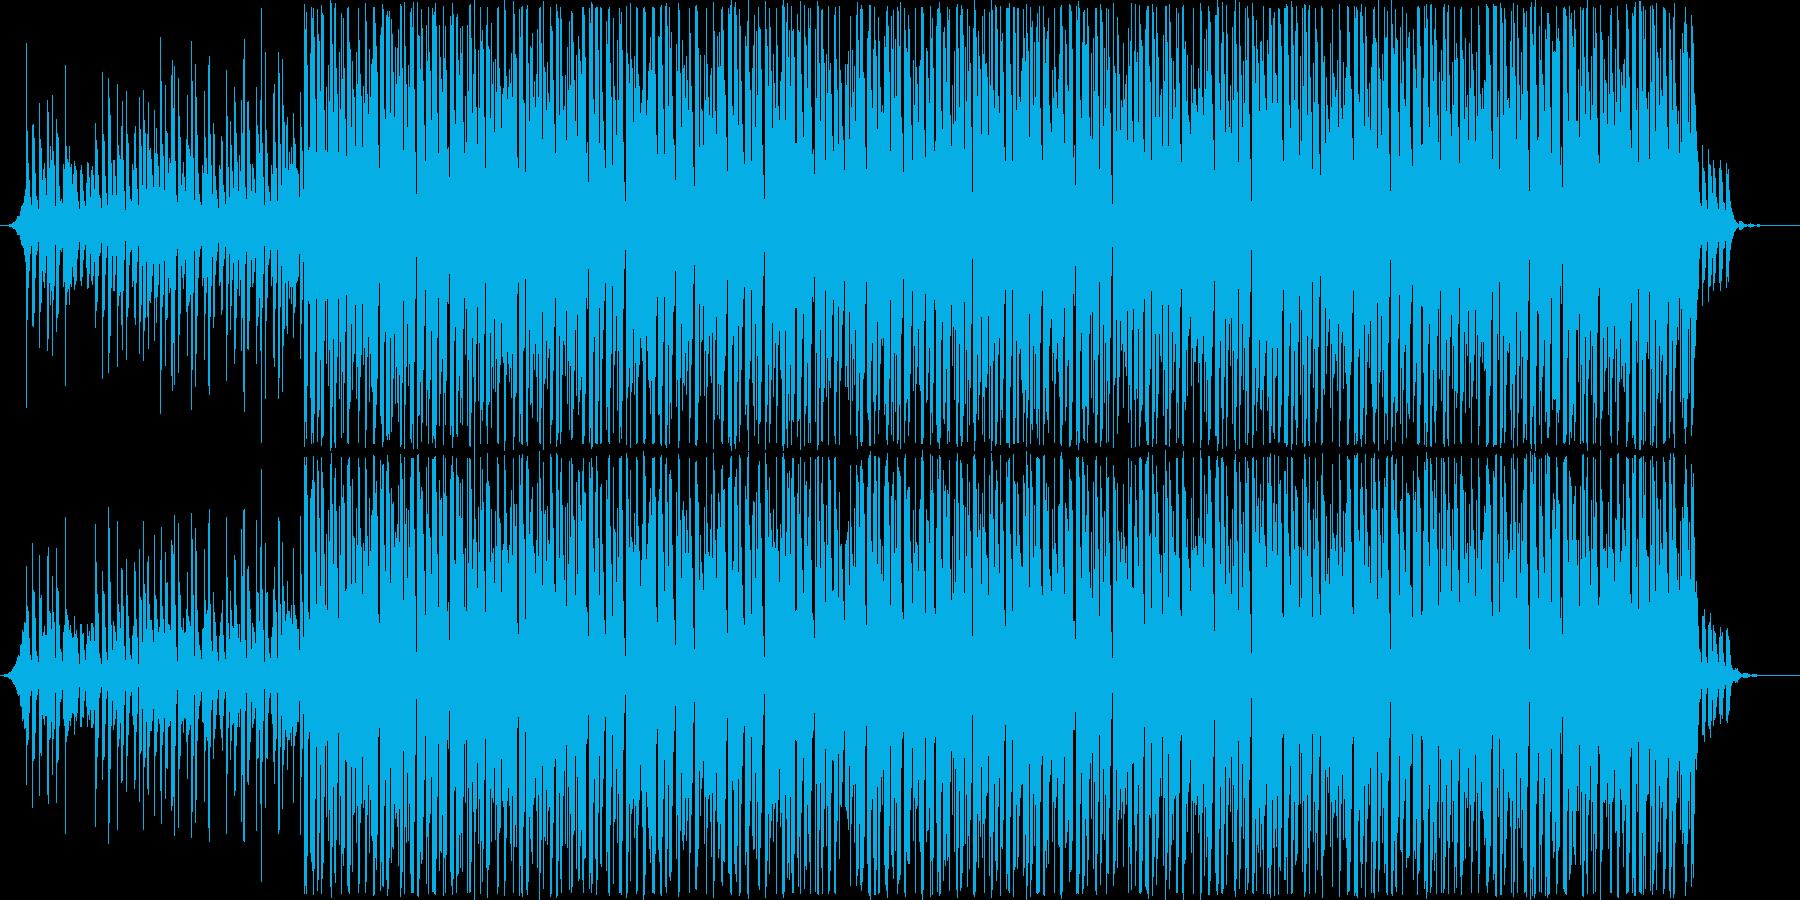 ノリの心地よいダンサブルなハウスの再生済みの波形